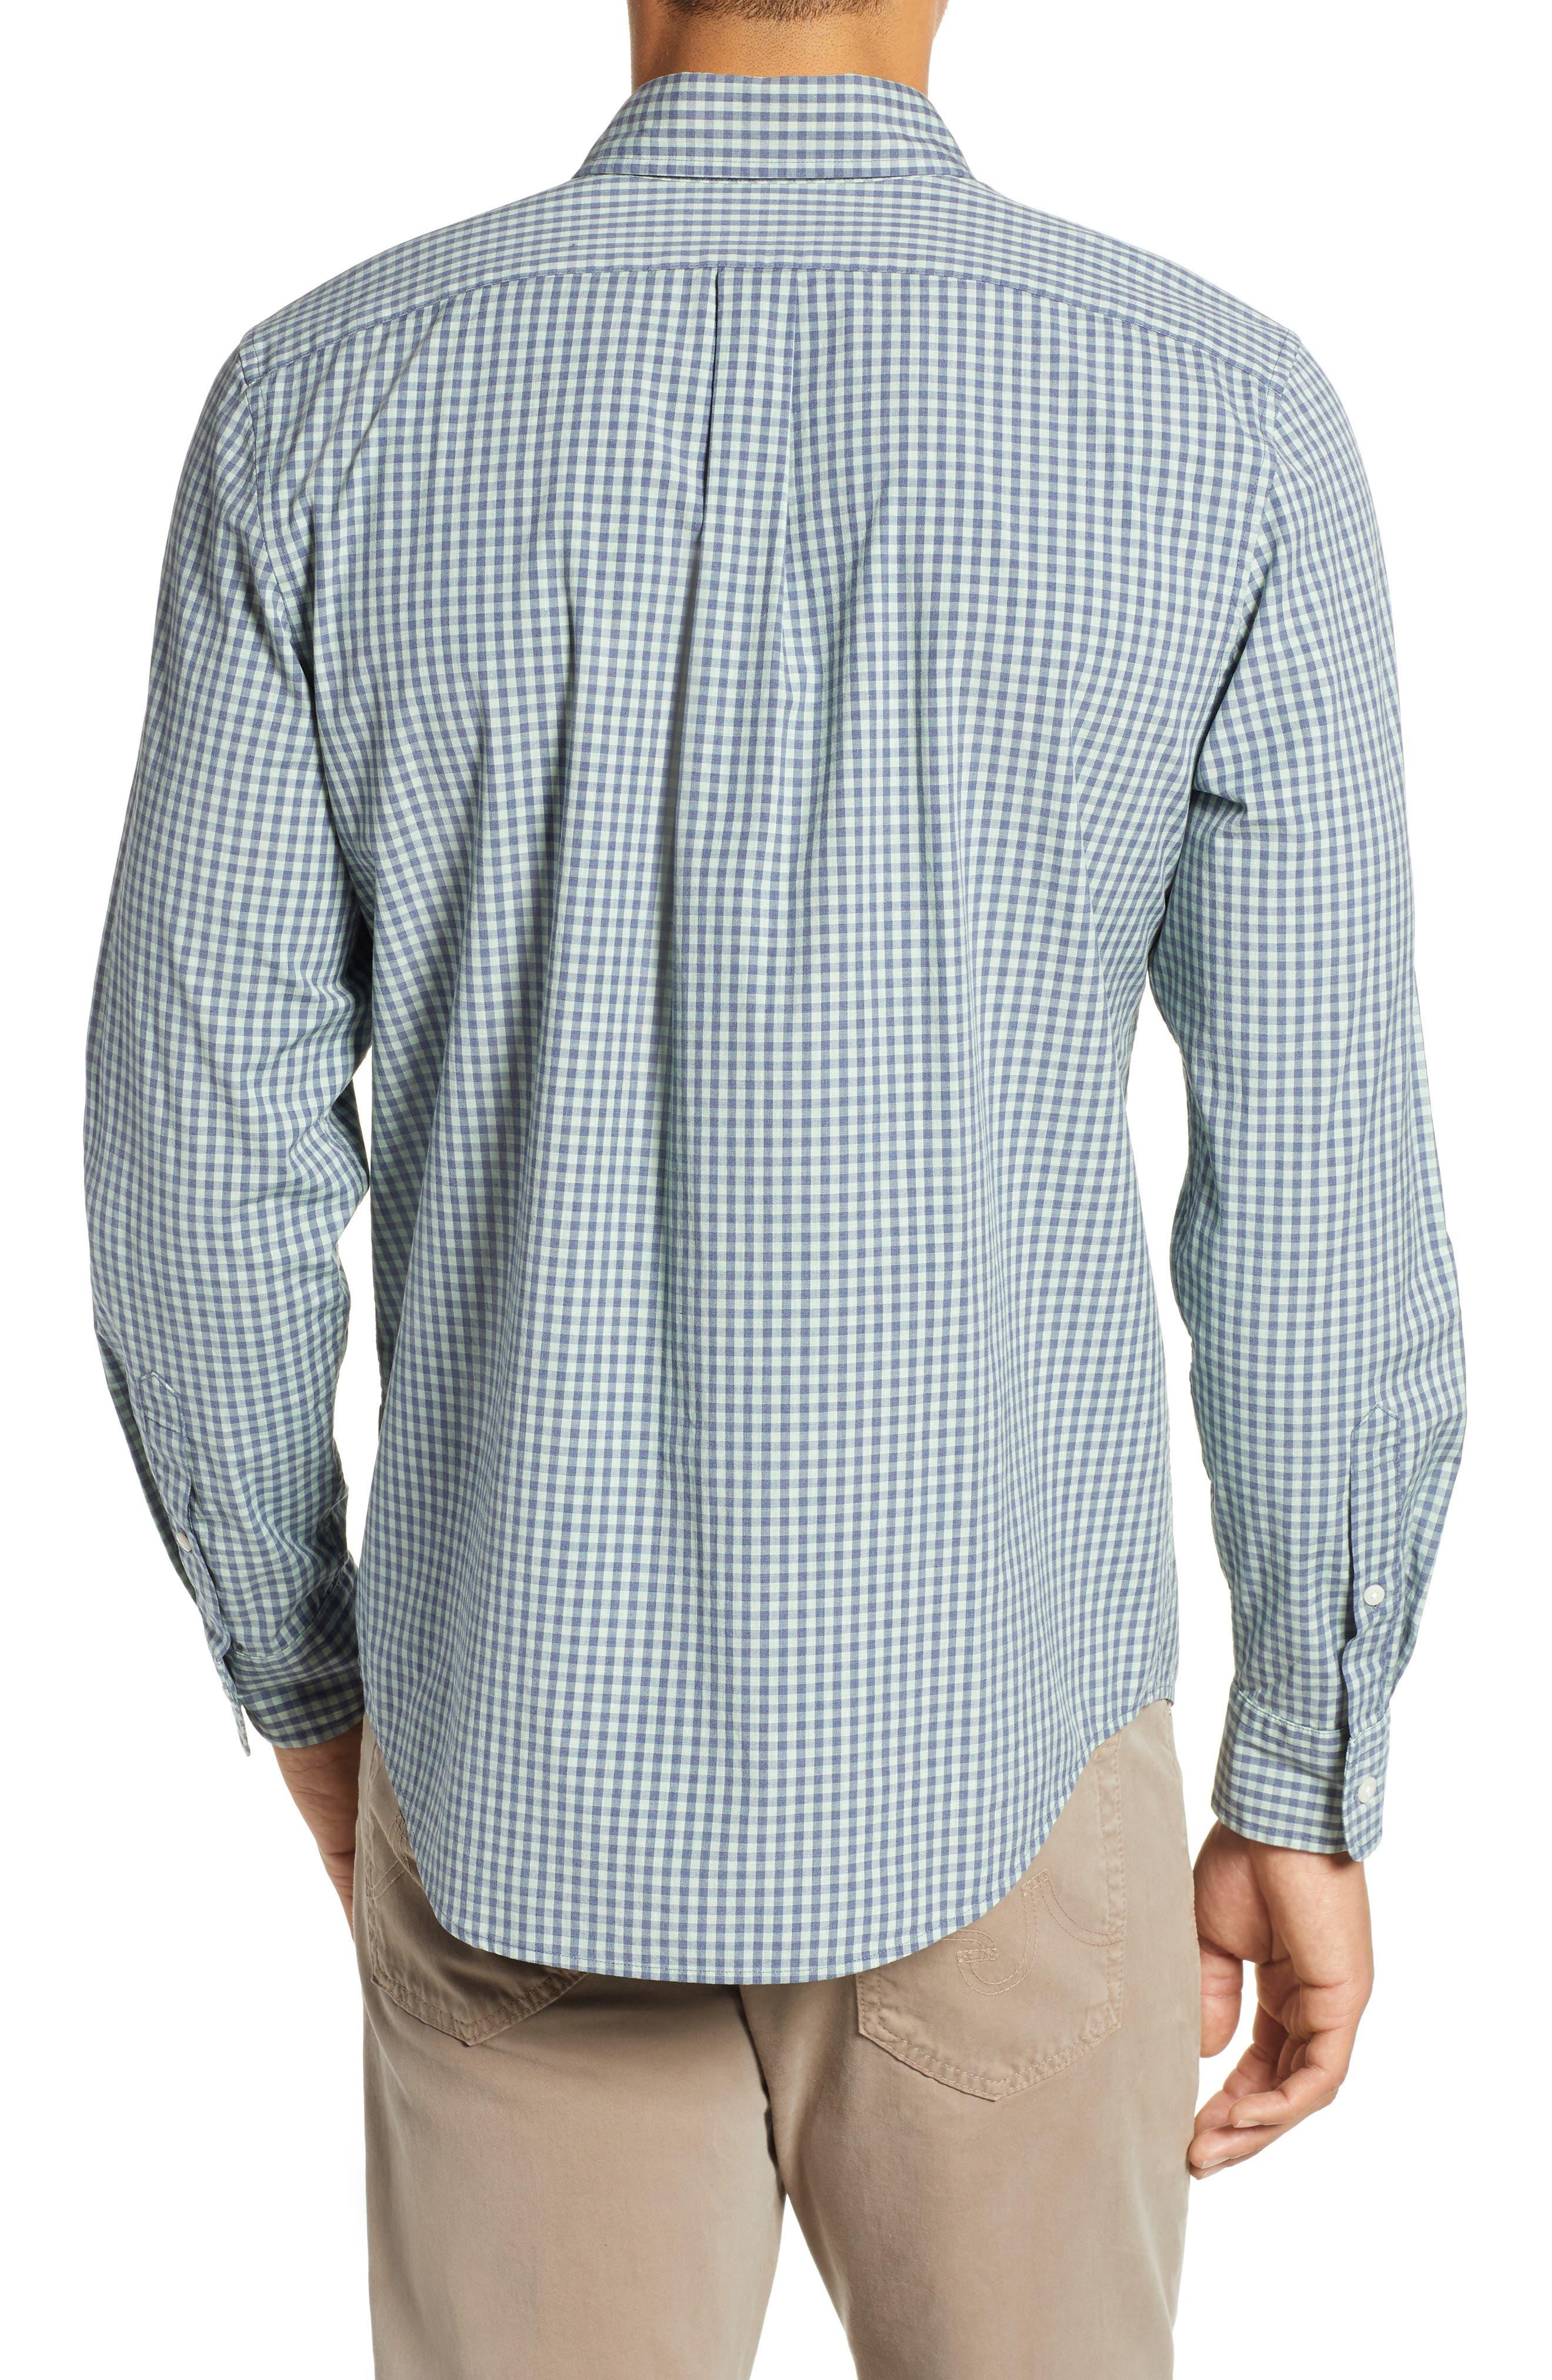 VINEYARD VINES, Gingham Check Sport Shirt, Alternate thumbnail 3, color, 362